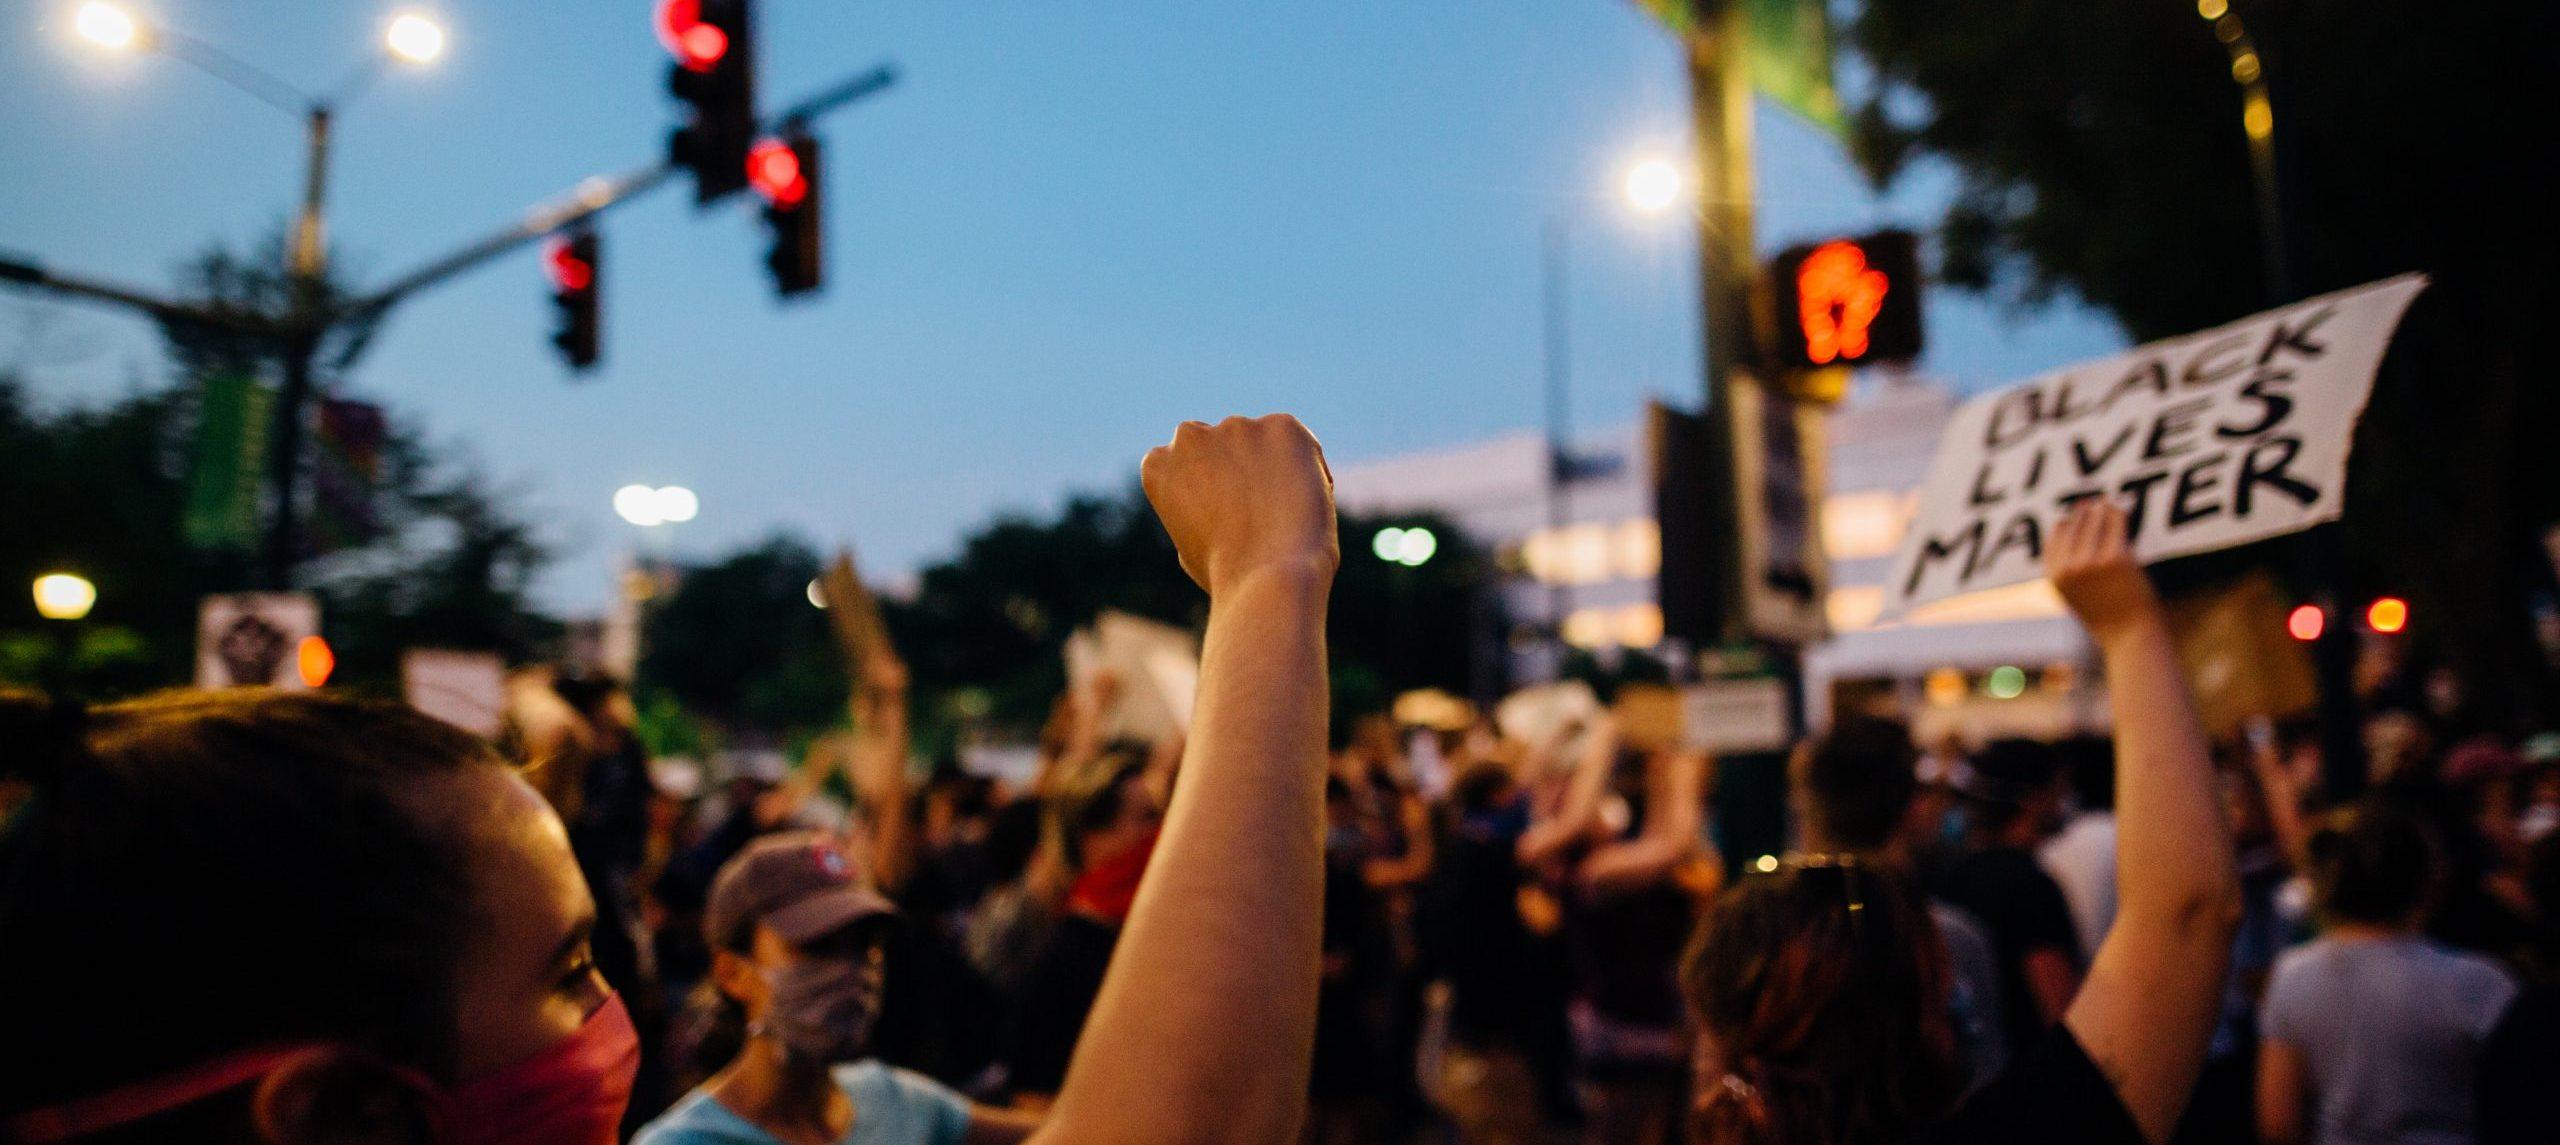 Image of Black Lives Matter protest